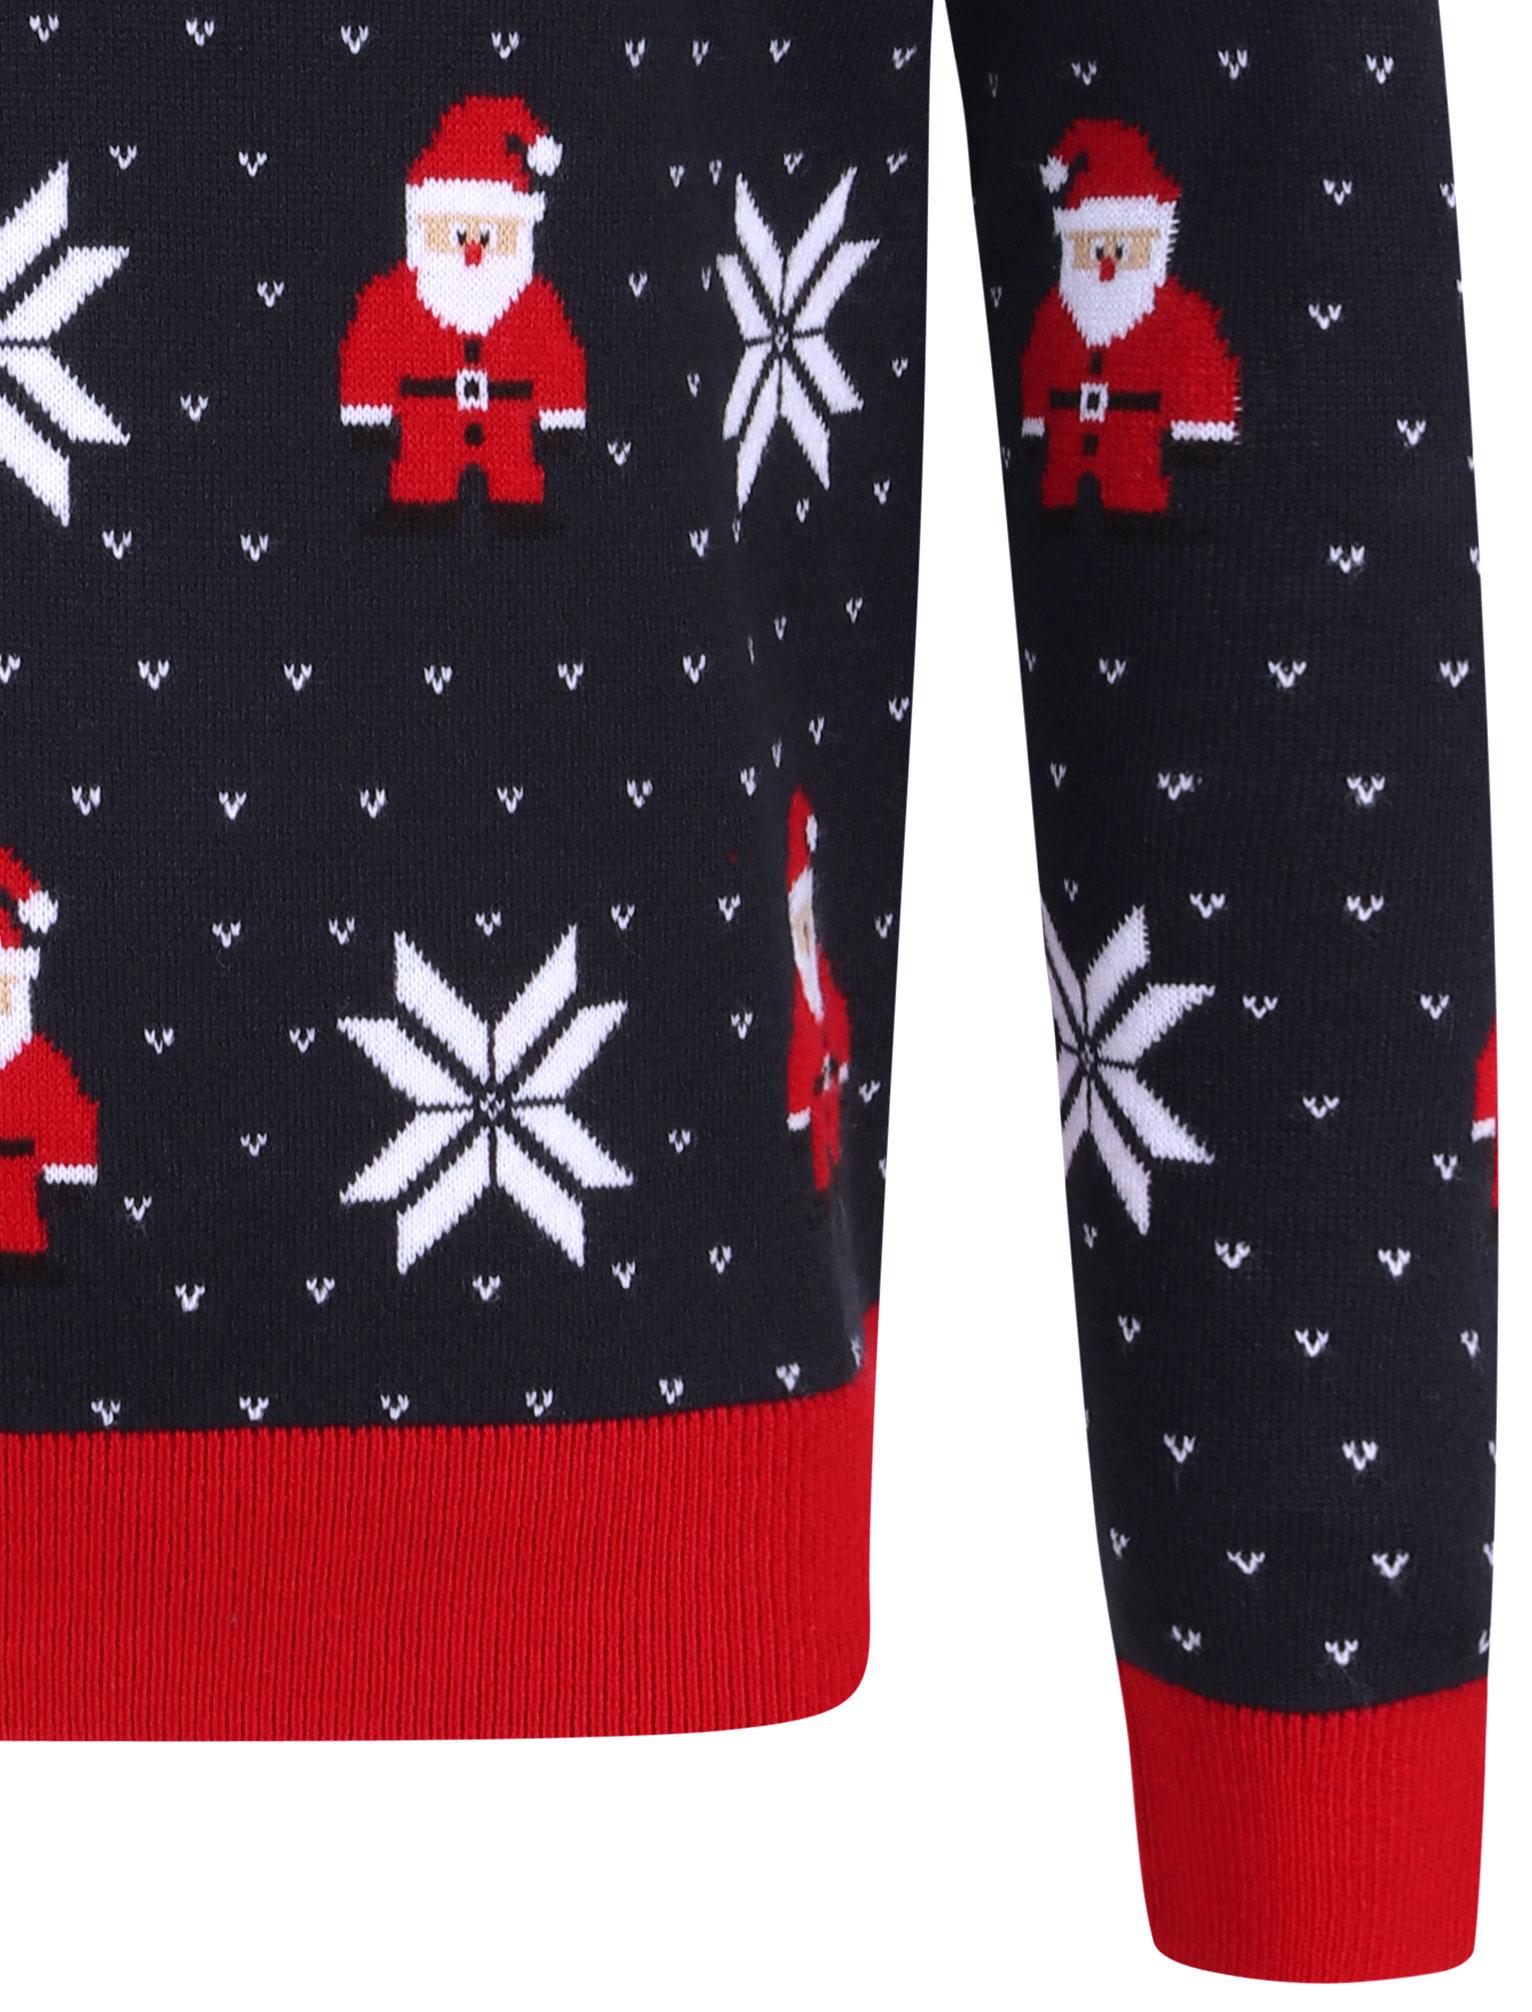 Feliz-Navidad-Para-Hombre-Novedad-Navidad-Sueter-Santa-Elfo-Reno-divertido-Cerveza miniatura 72